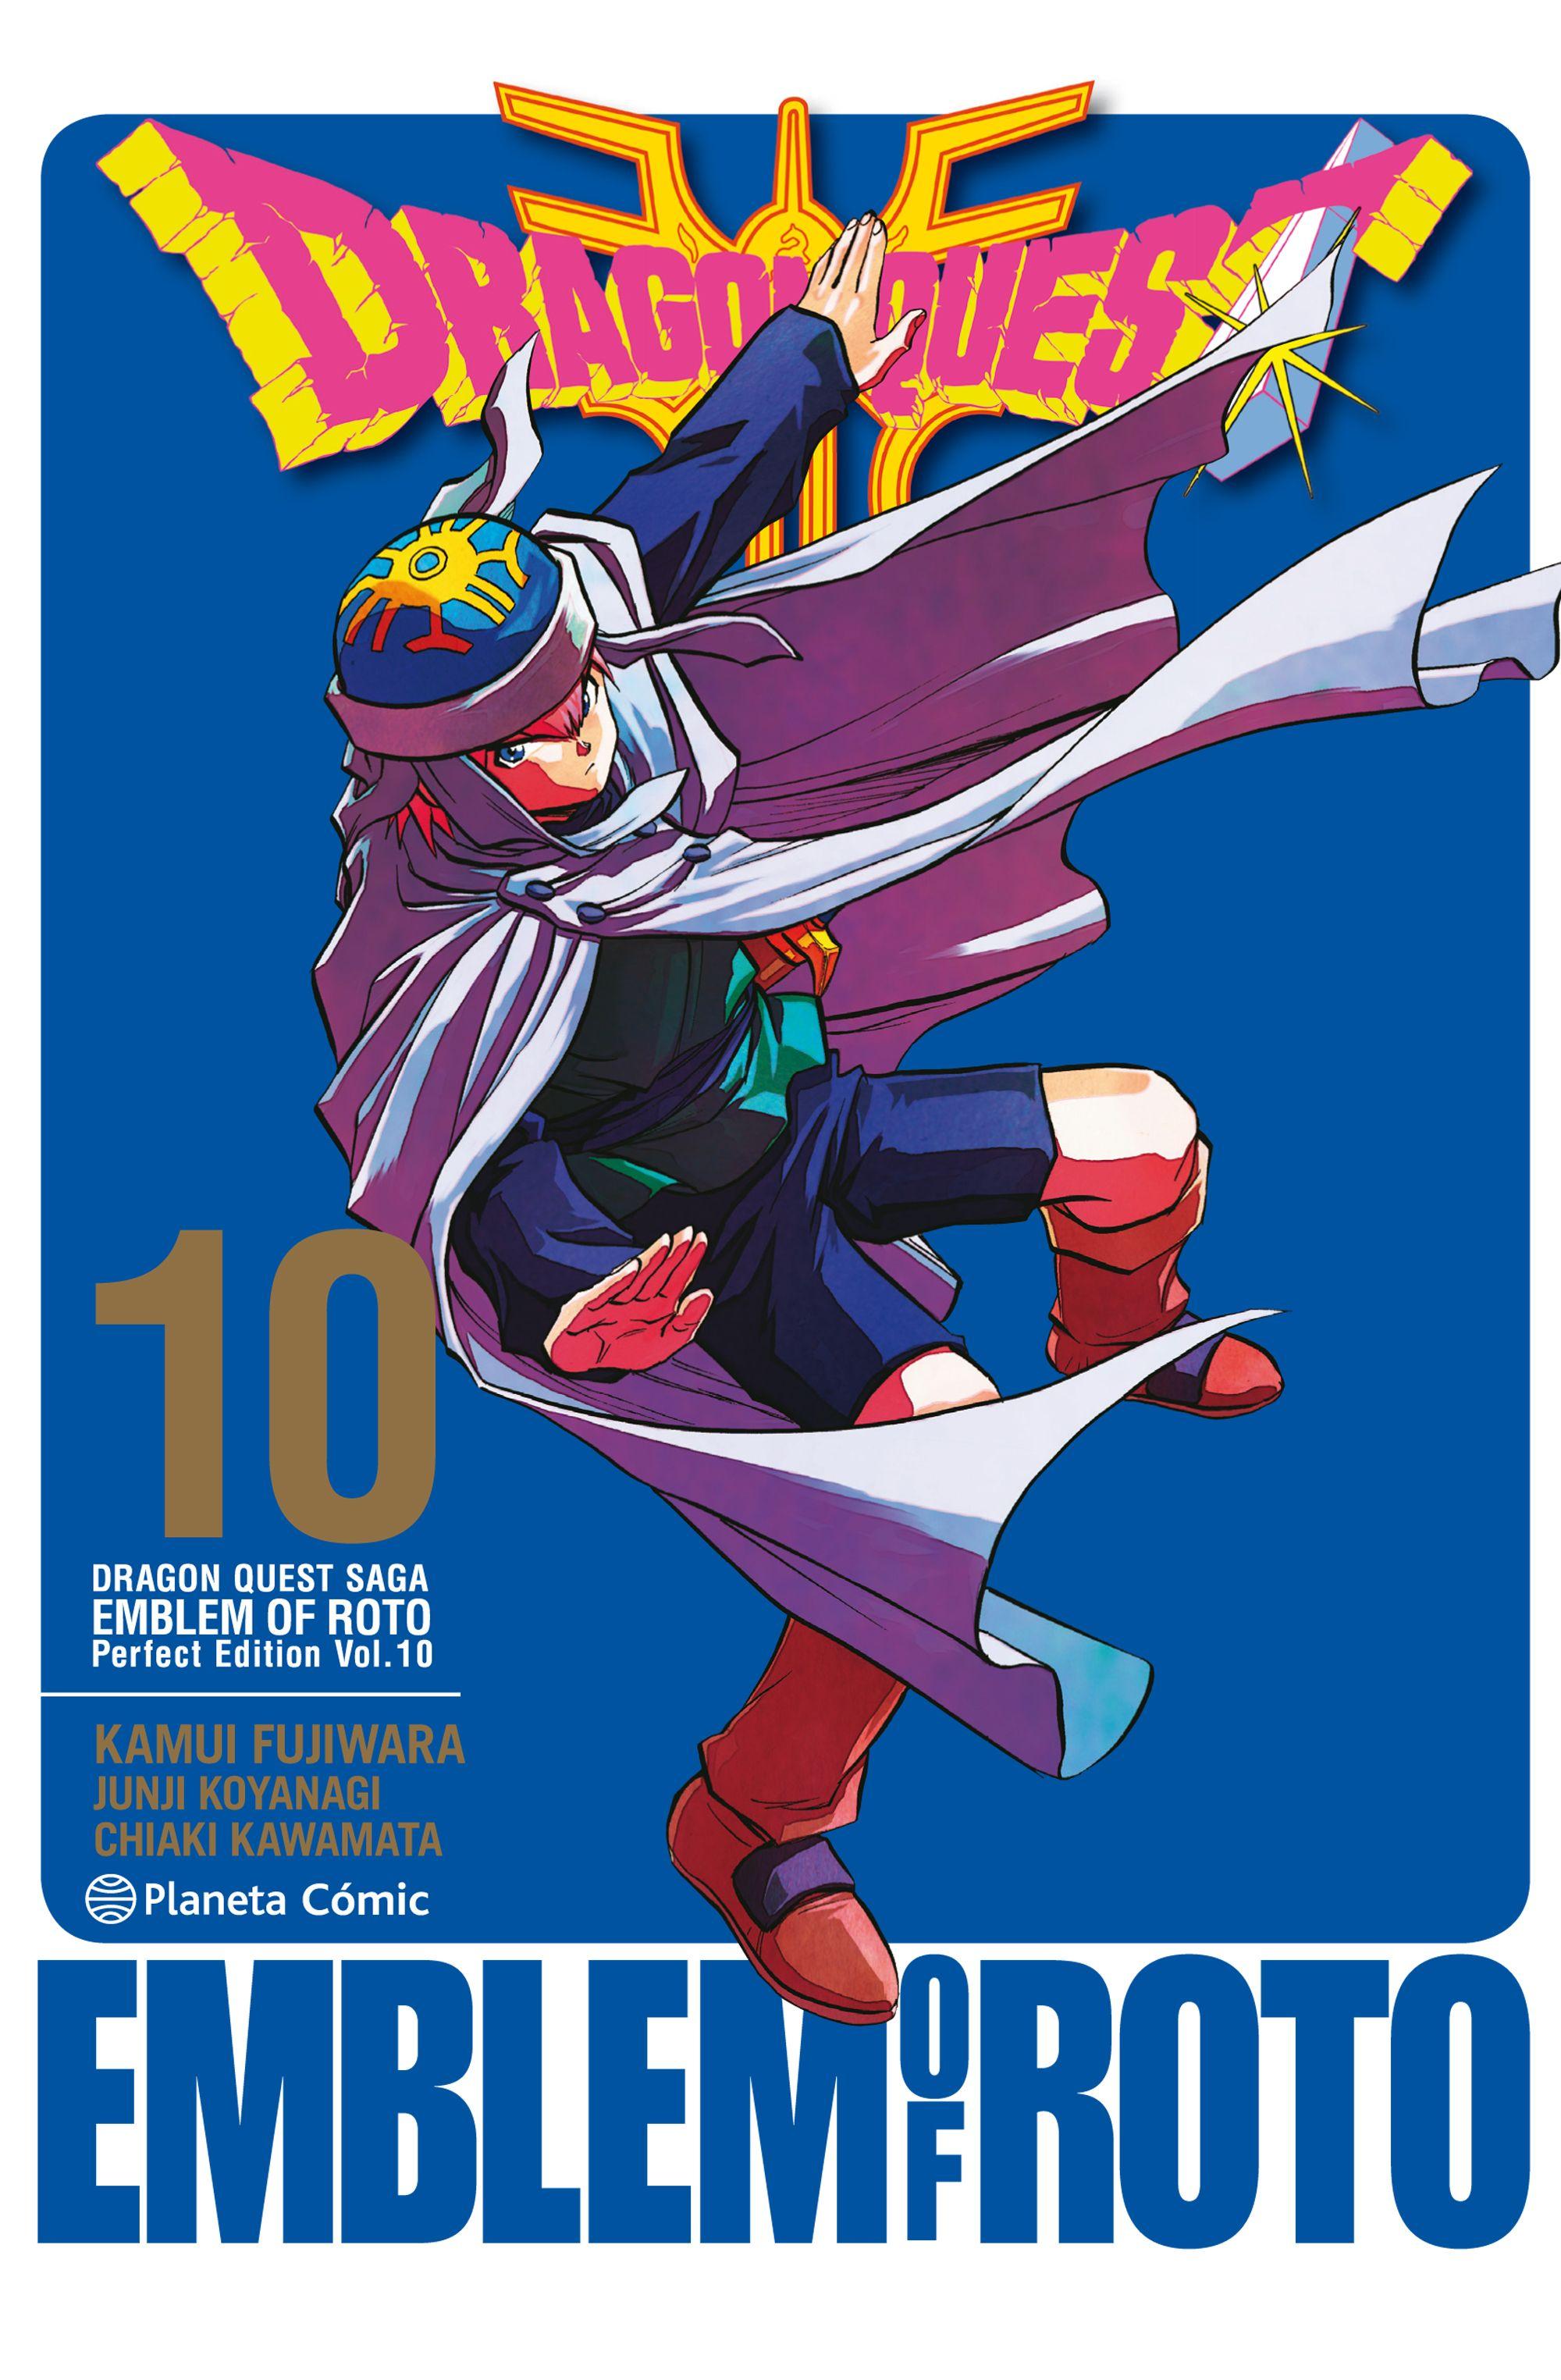 Reseña manga de Dragon Quest: Emblem of Roto 10